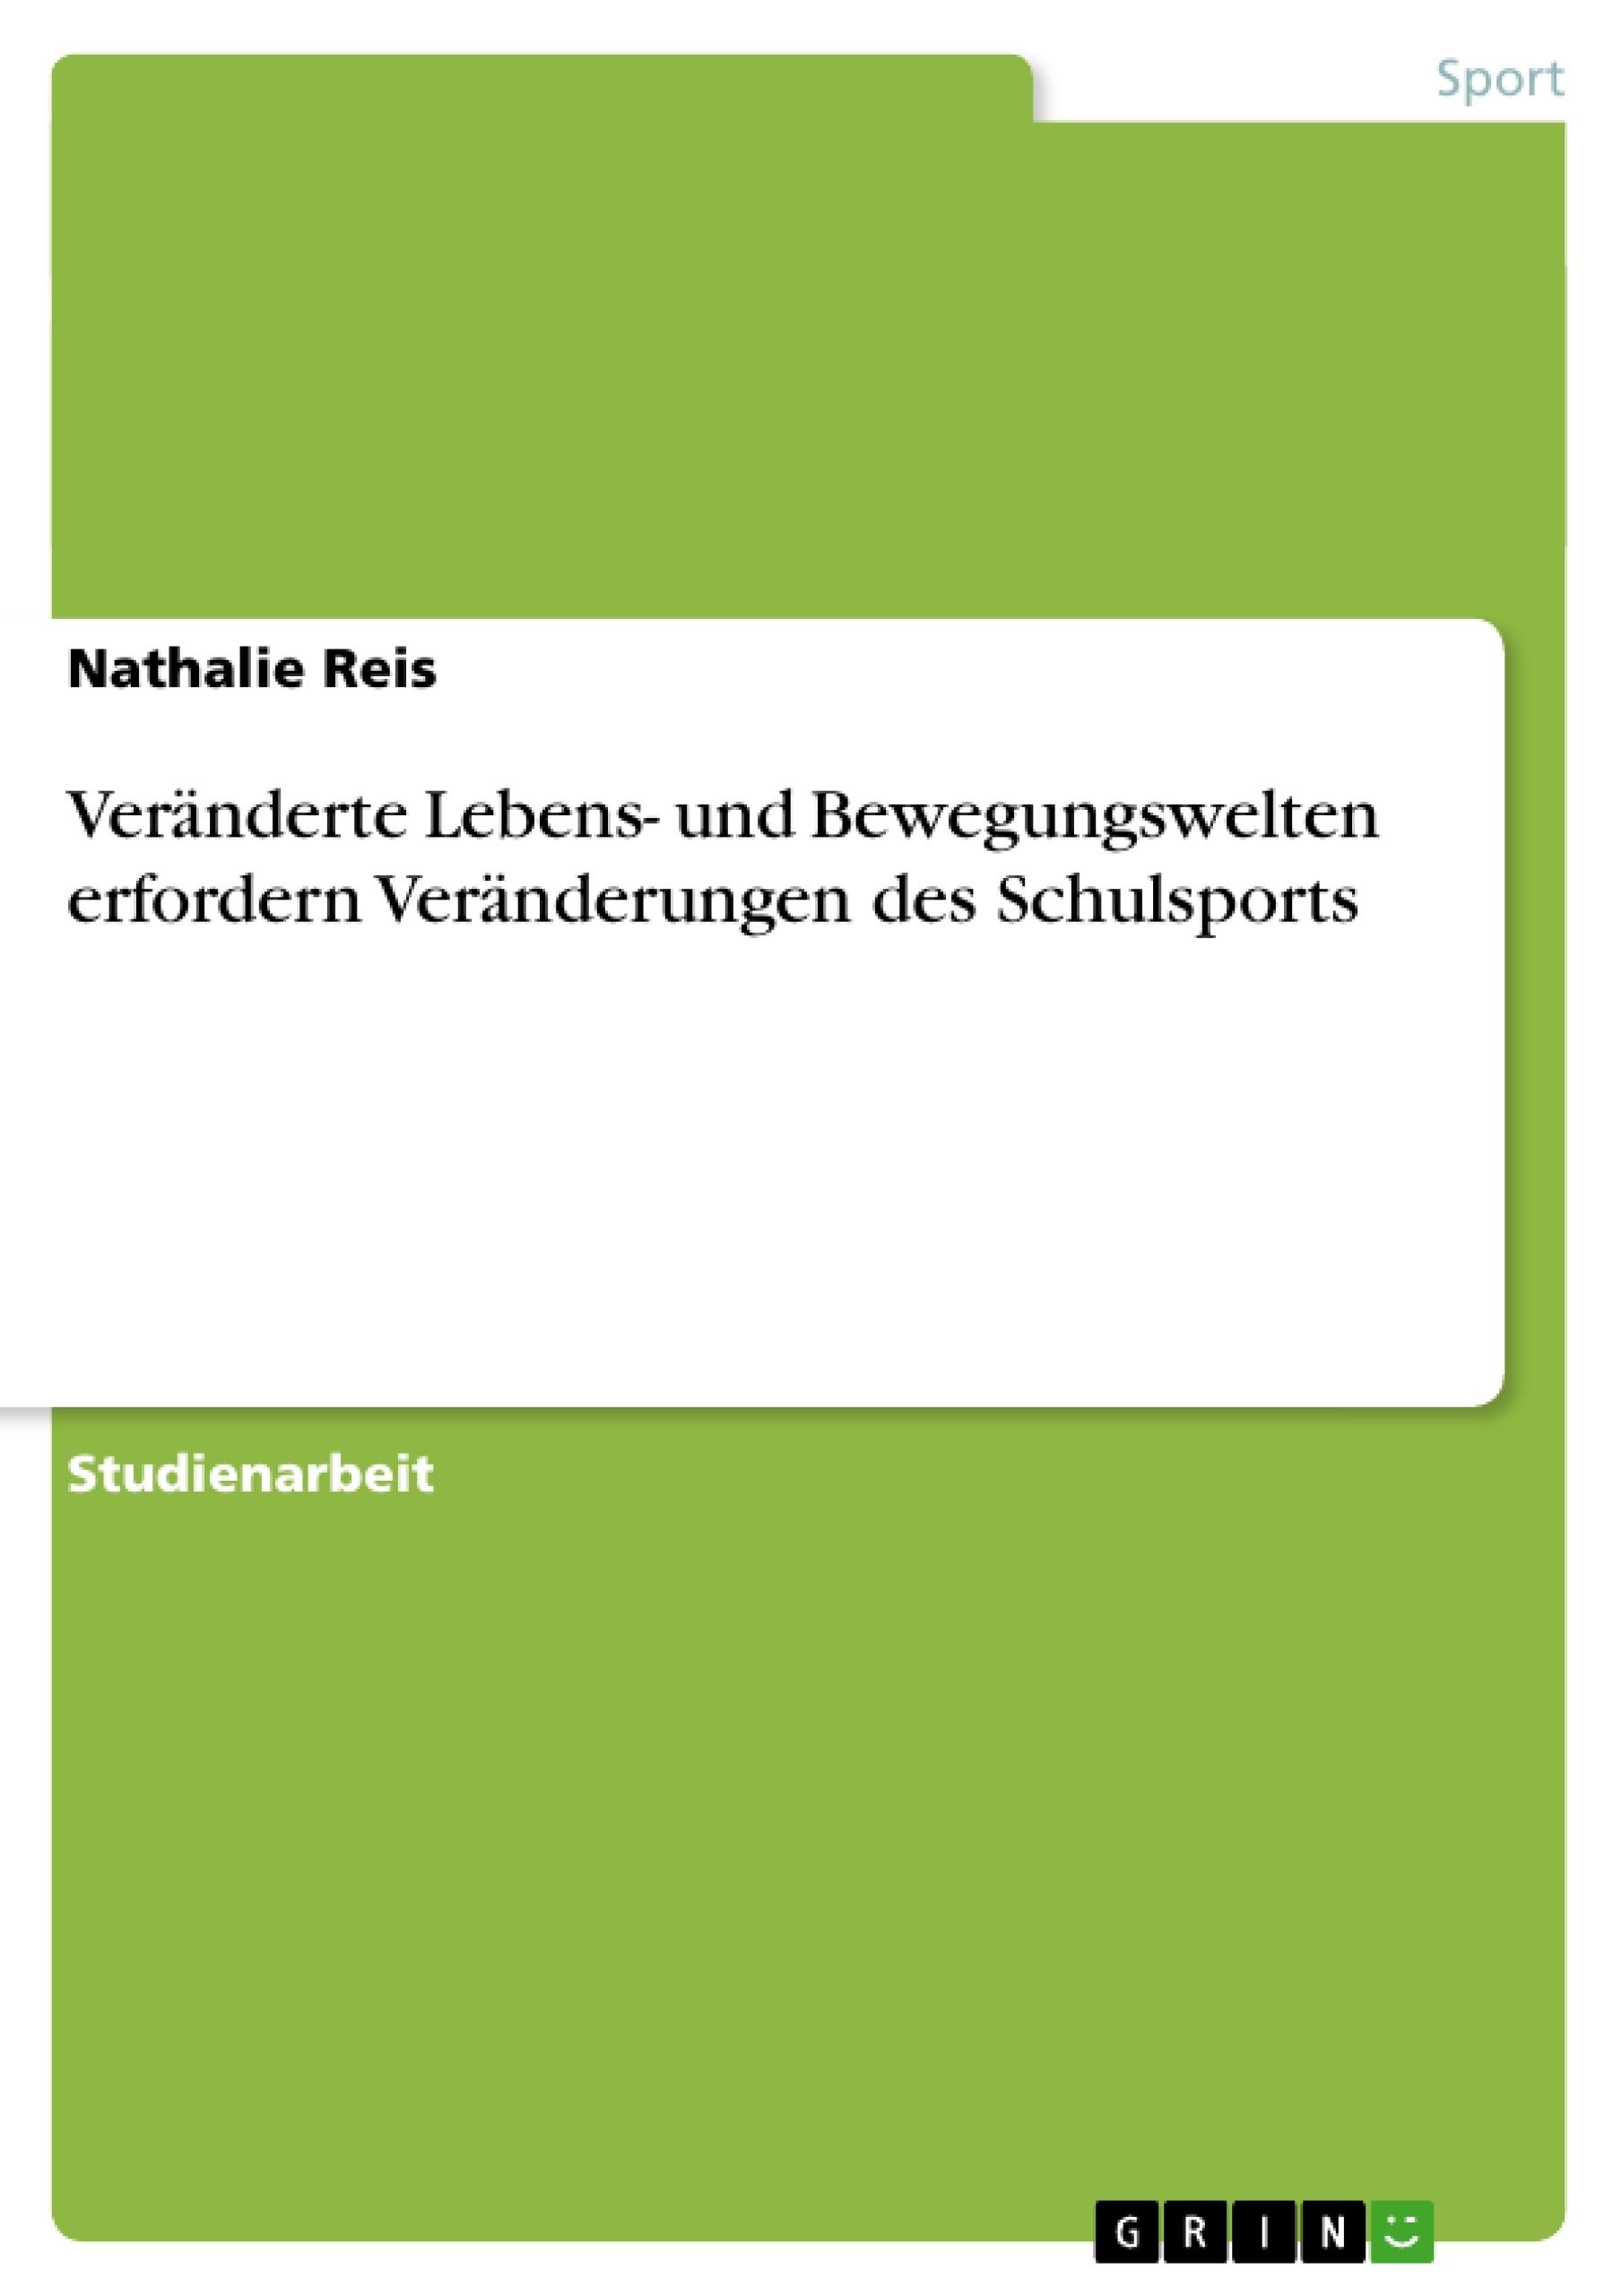 Titel: Veränderte Lebens- und Bewegungswelten erfordern Veränderungen des Schulsports